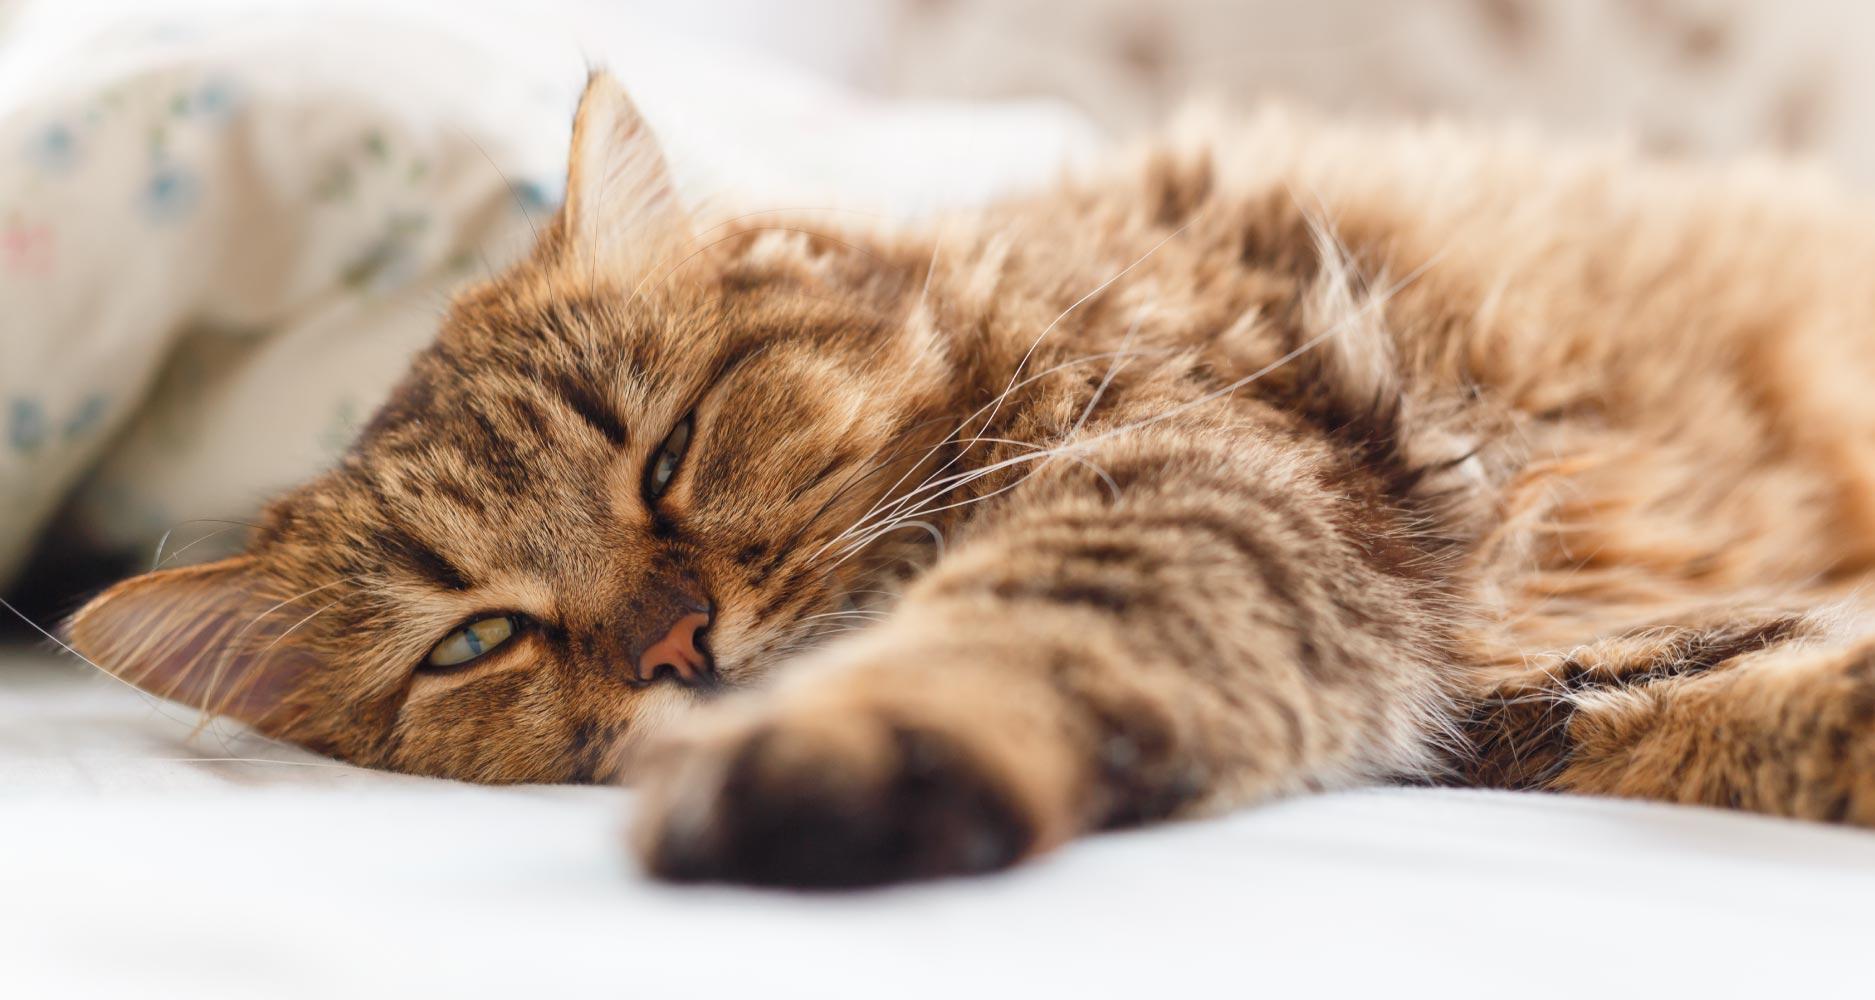 image of a sick cat